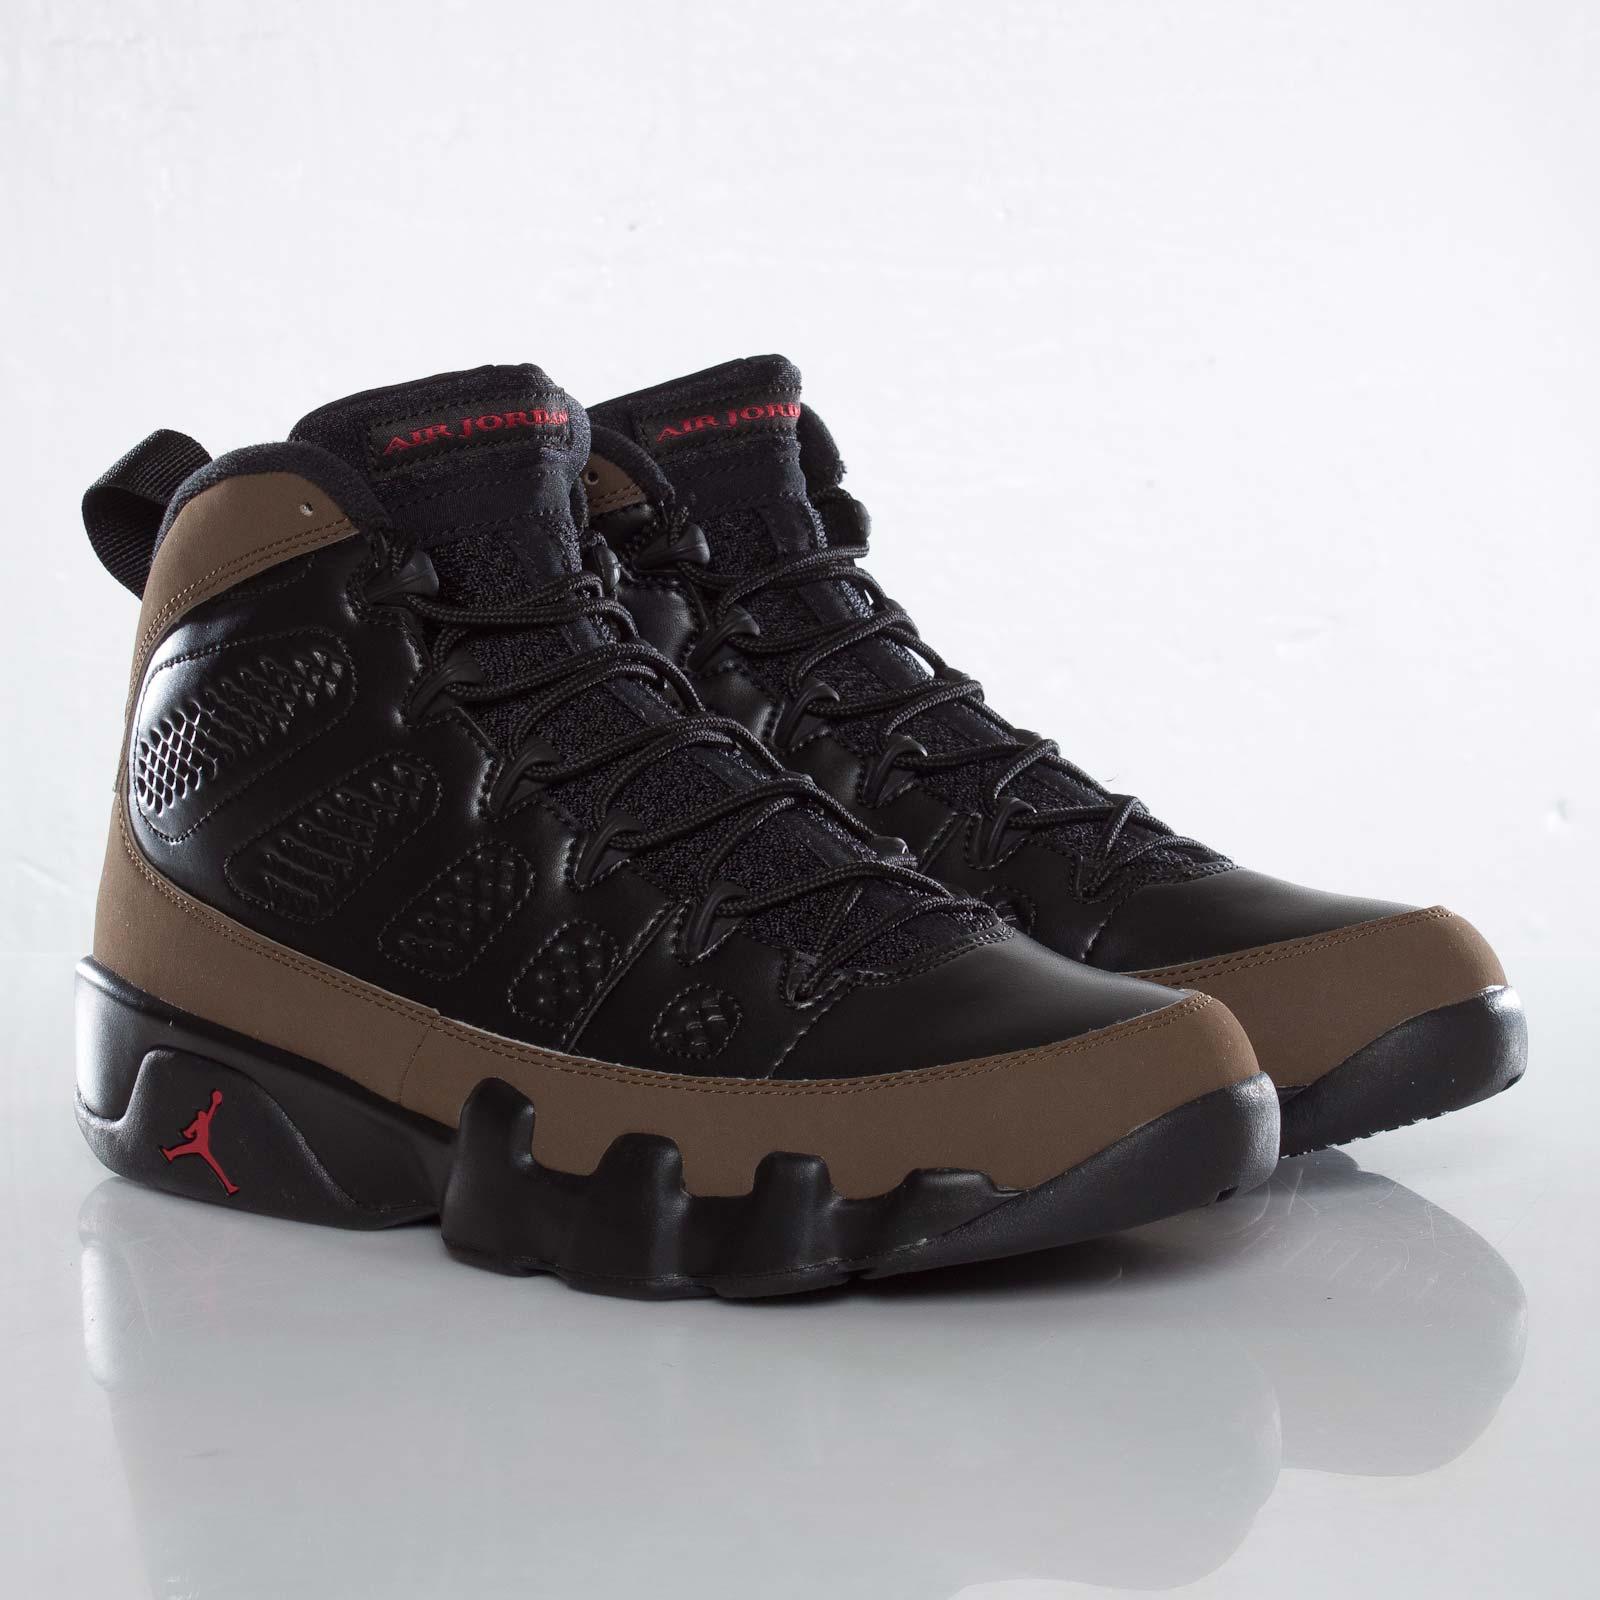 quality design 9e618 817be Jordan Brand Air Jordan 9 Retro